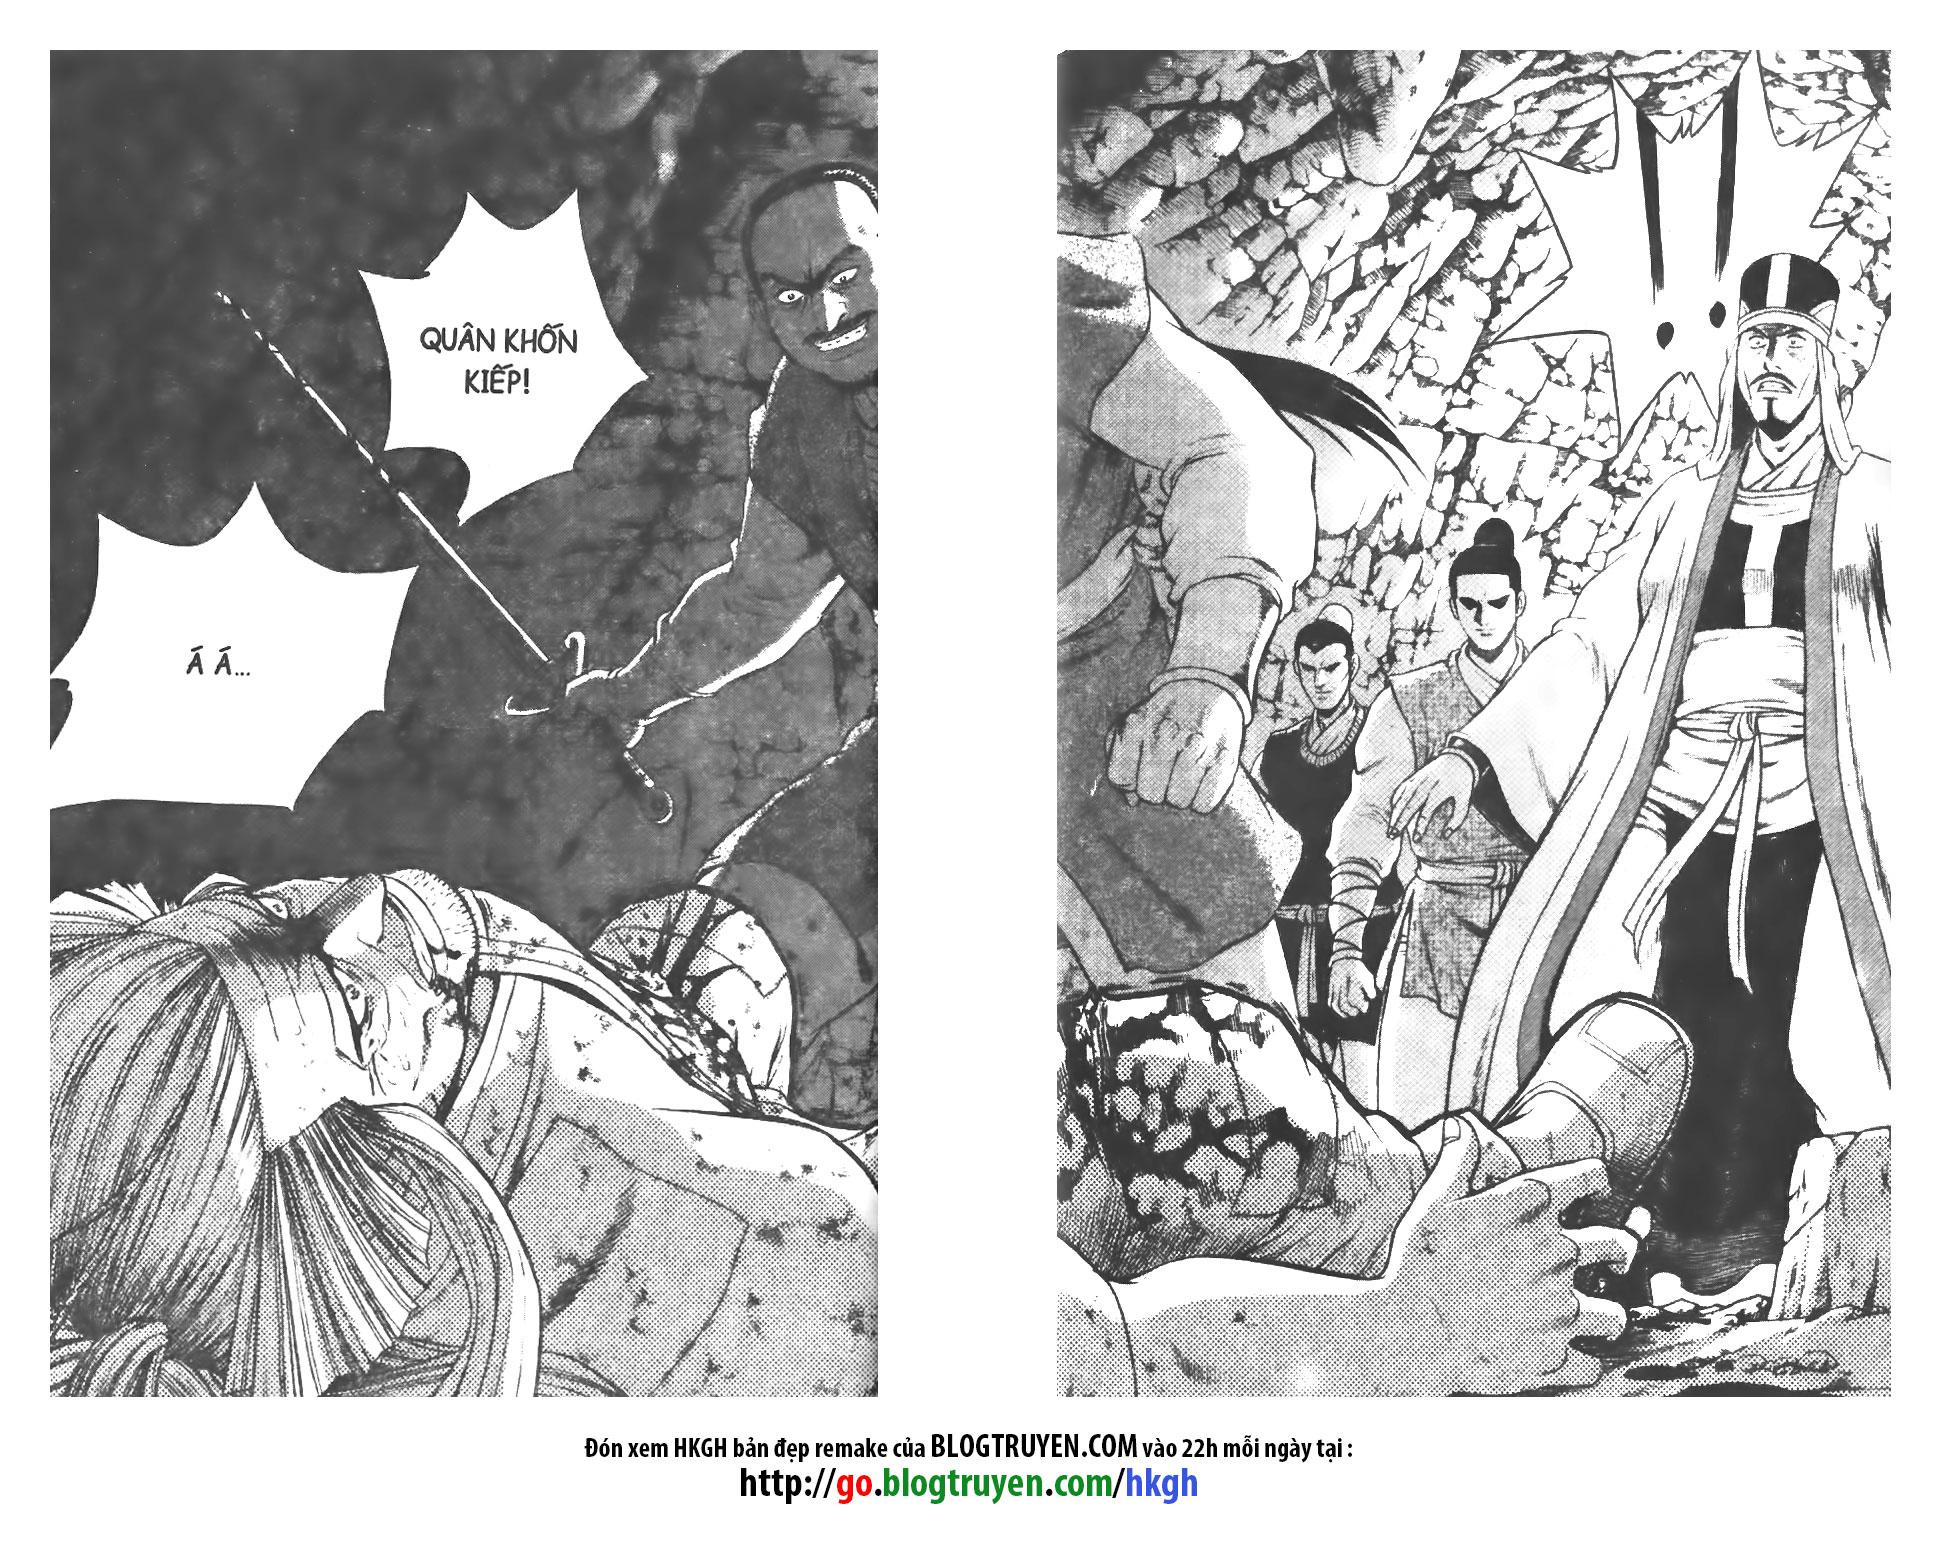 xem truyen moi - Hiệp Khách Giang Hồ Vol45 - Chap 314 - Remake